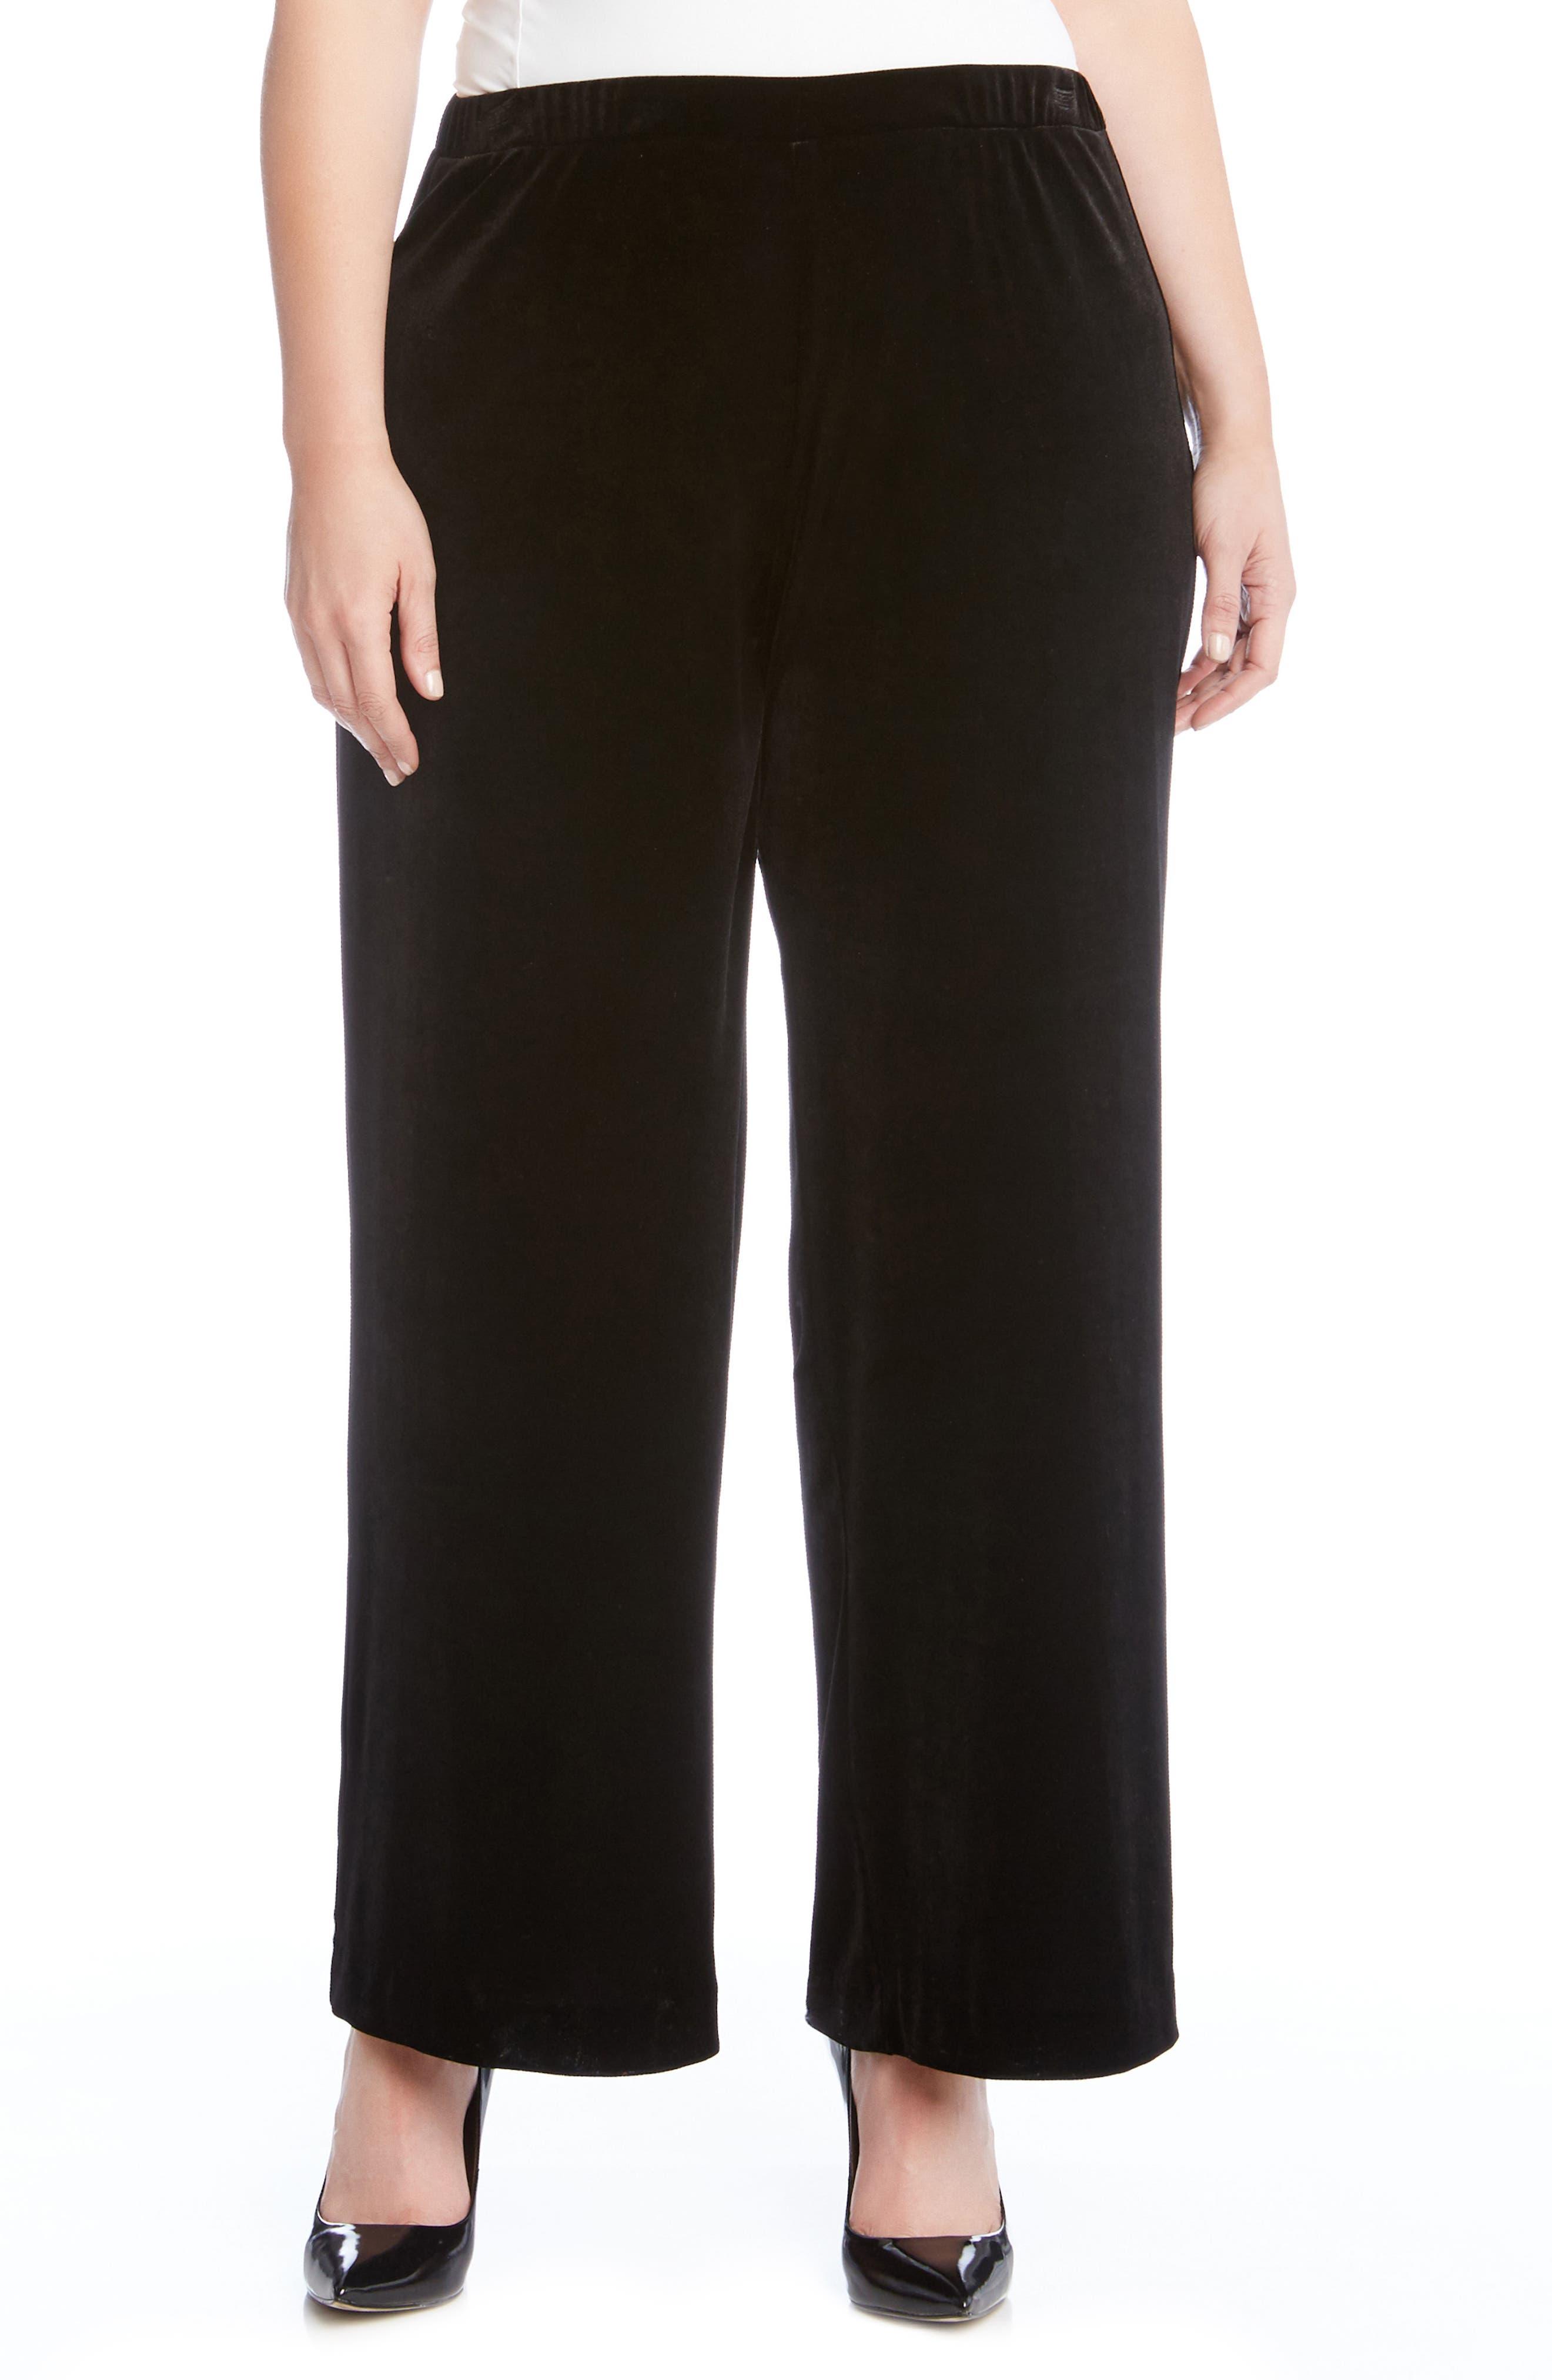 Alternate Image 1 Selected - Karen Kane Wide Leg Velvet Pants (Plus Size)